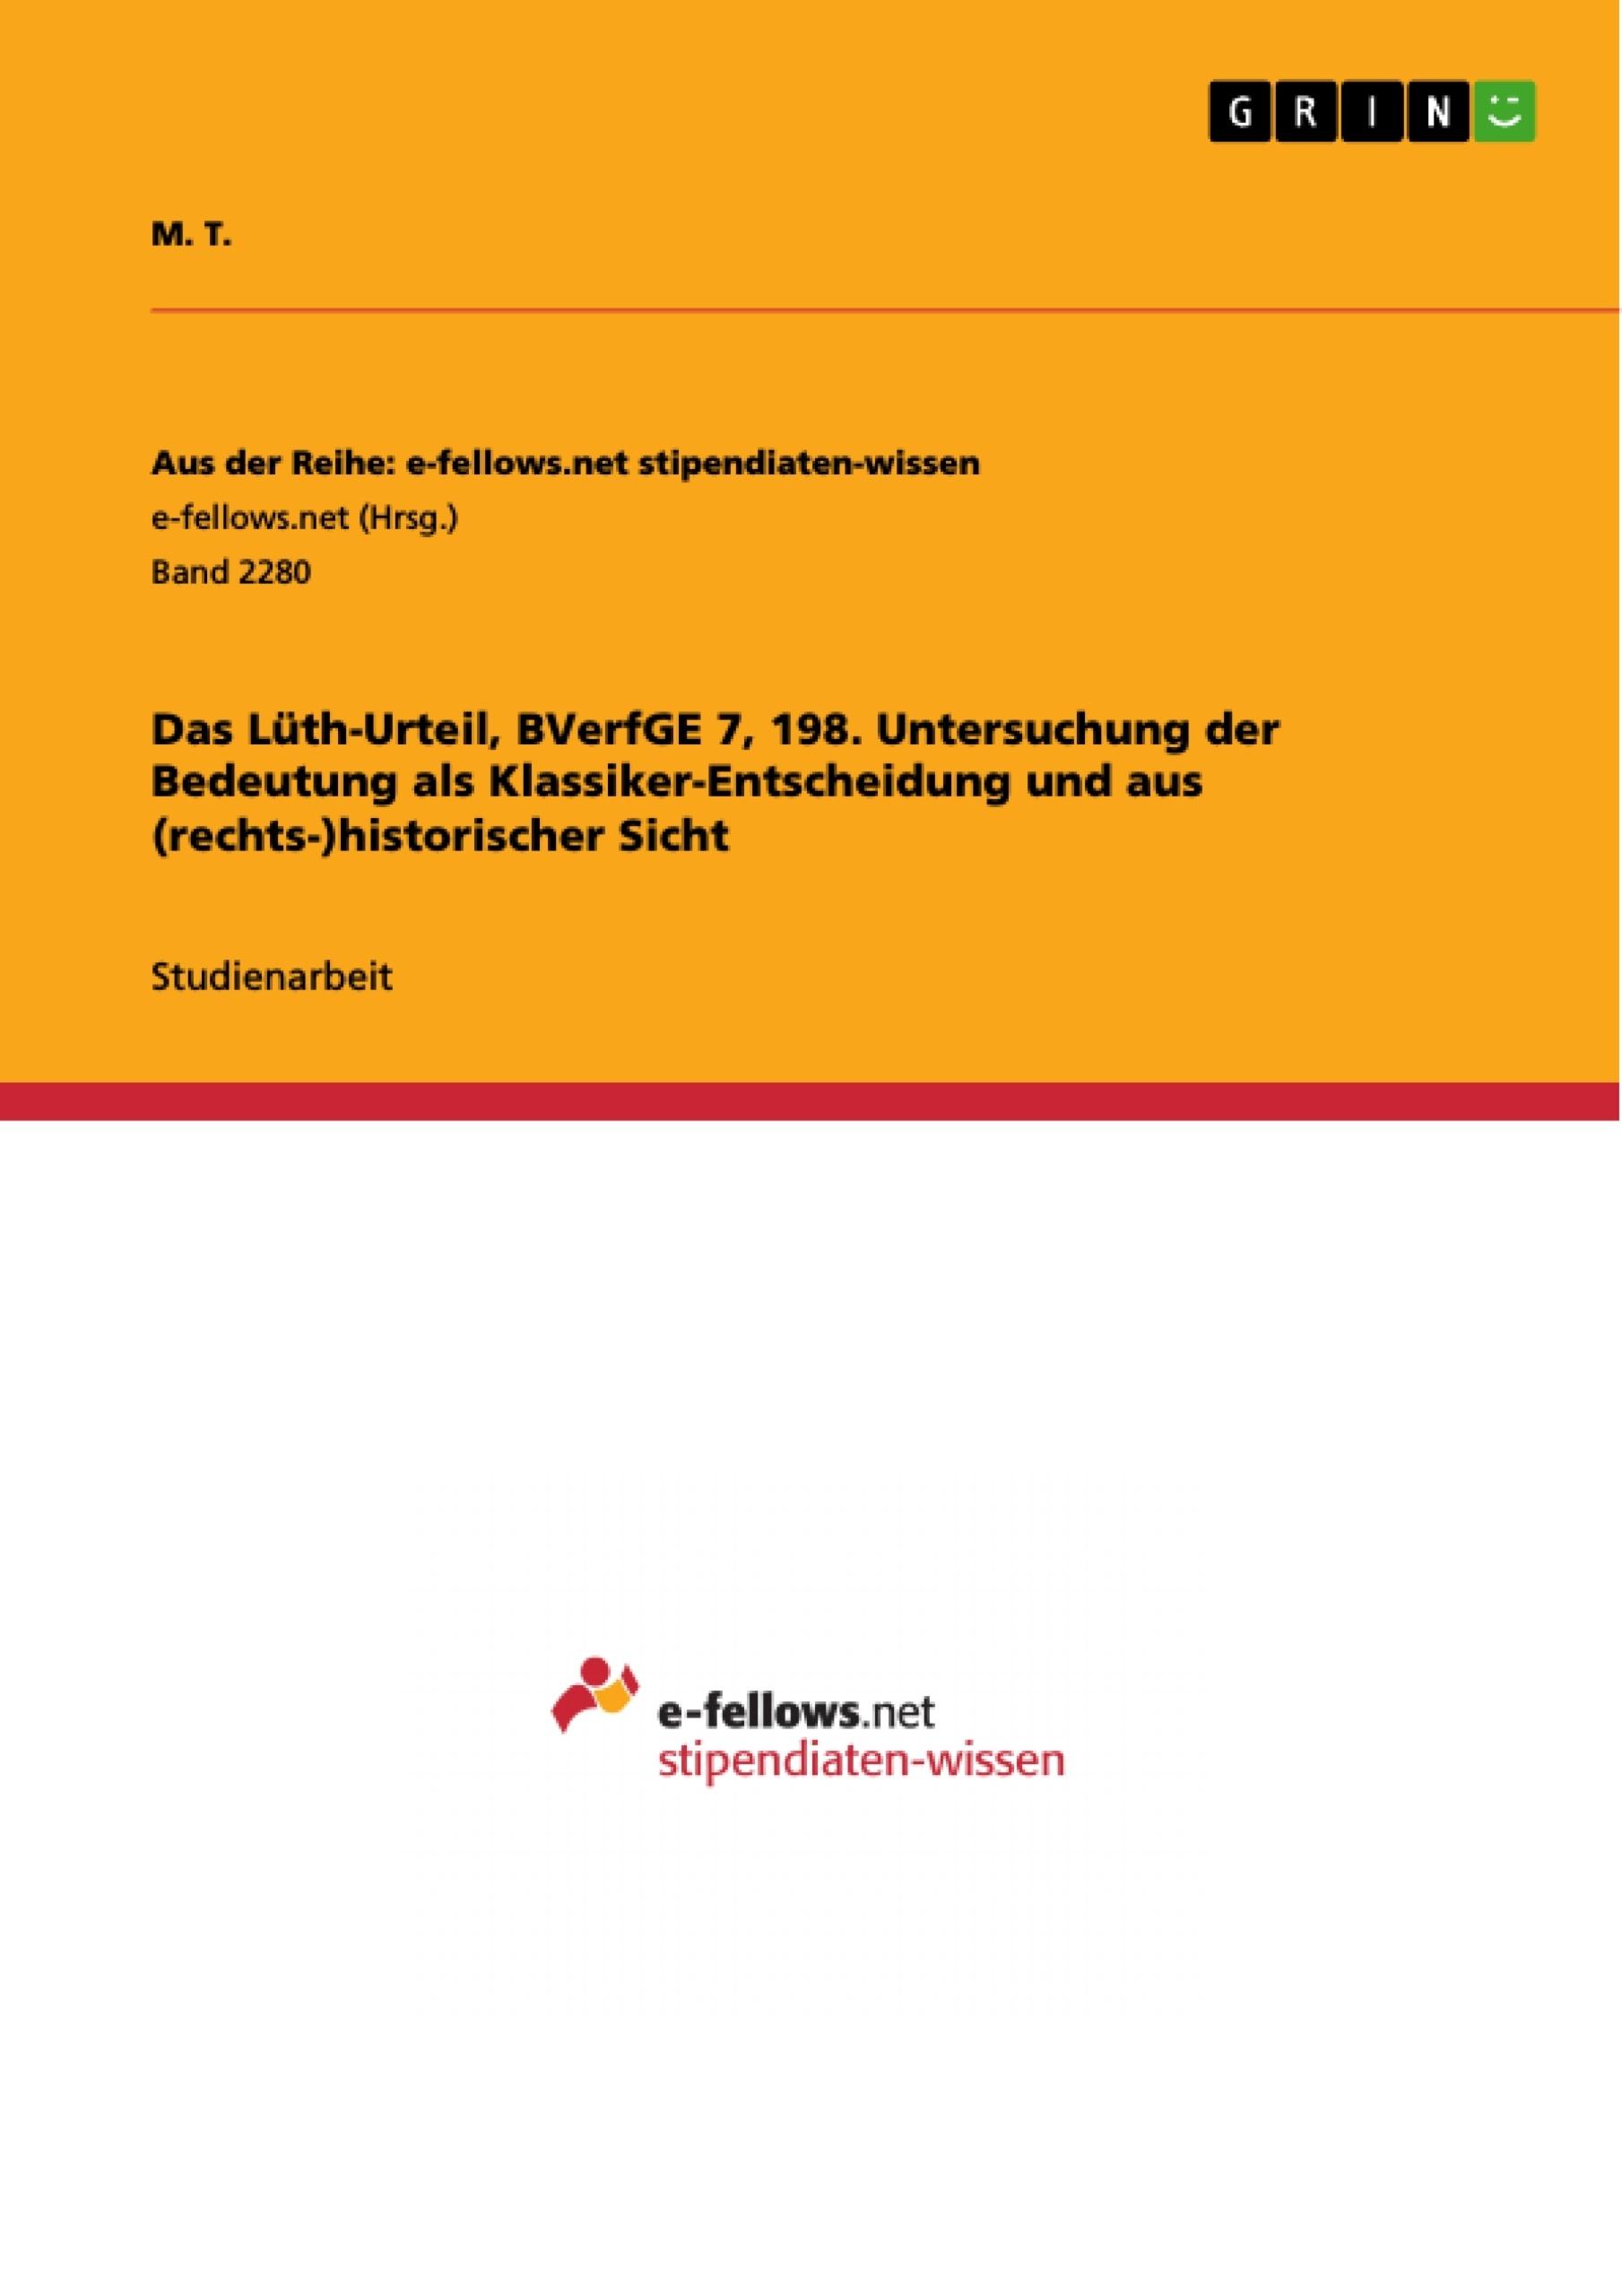 Titel: Das Lüth-Urteil, BVerfGE 7, 198. Untersuchung der Bedeutung als Klassiker-Entscheidung und aus (rechts-)historischer Sicht